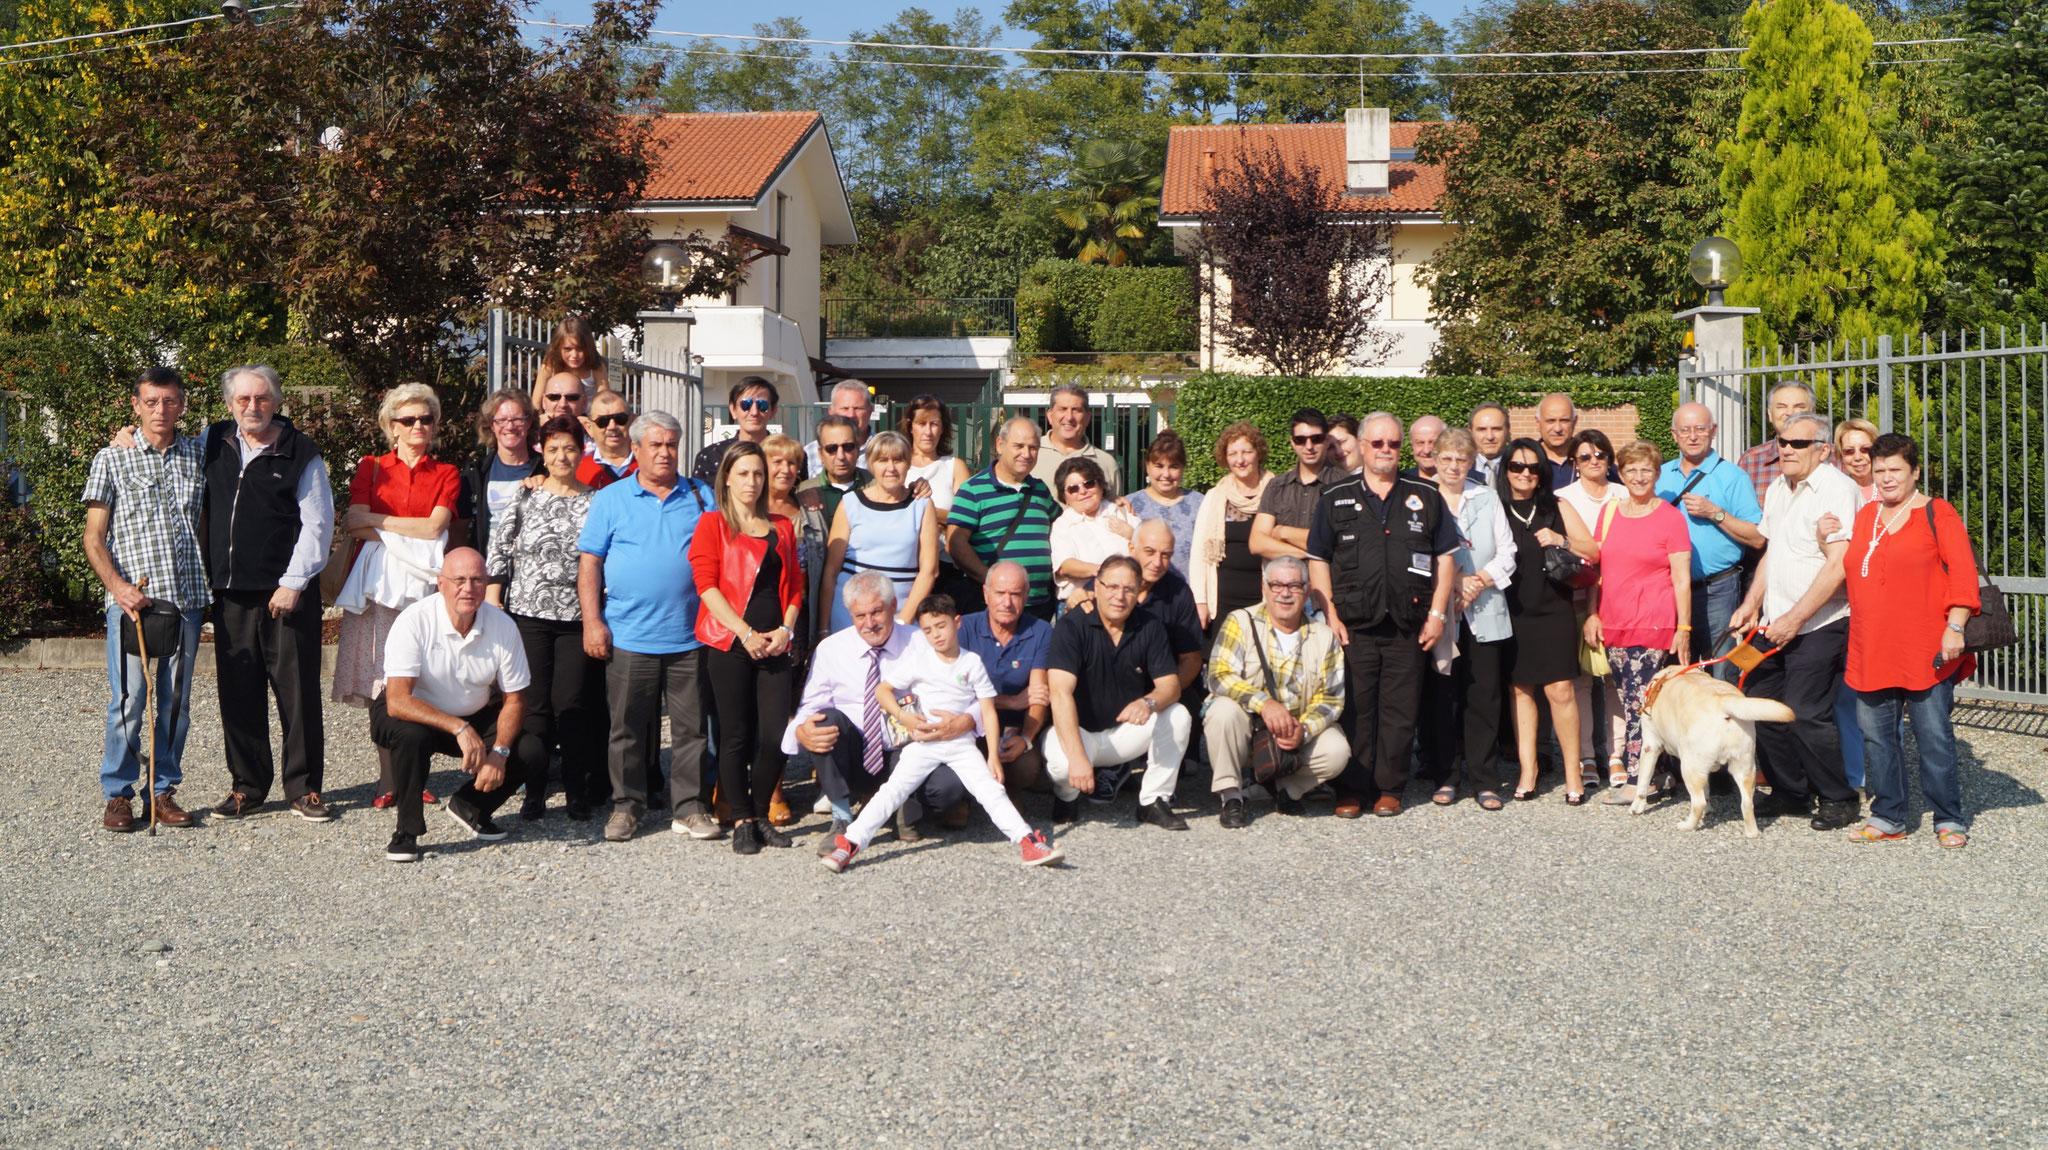 Foto di gruppo Meeting 25 Settembre 2016